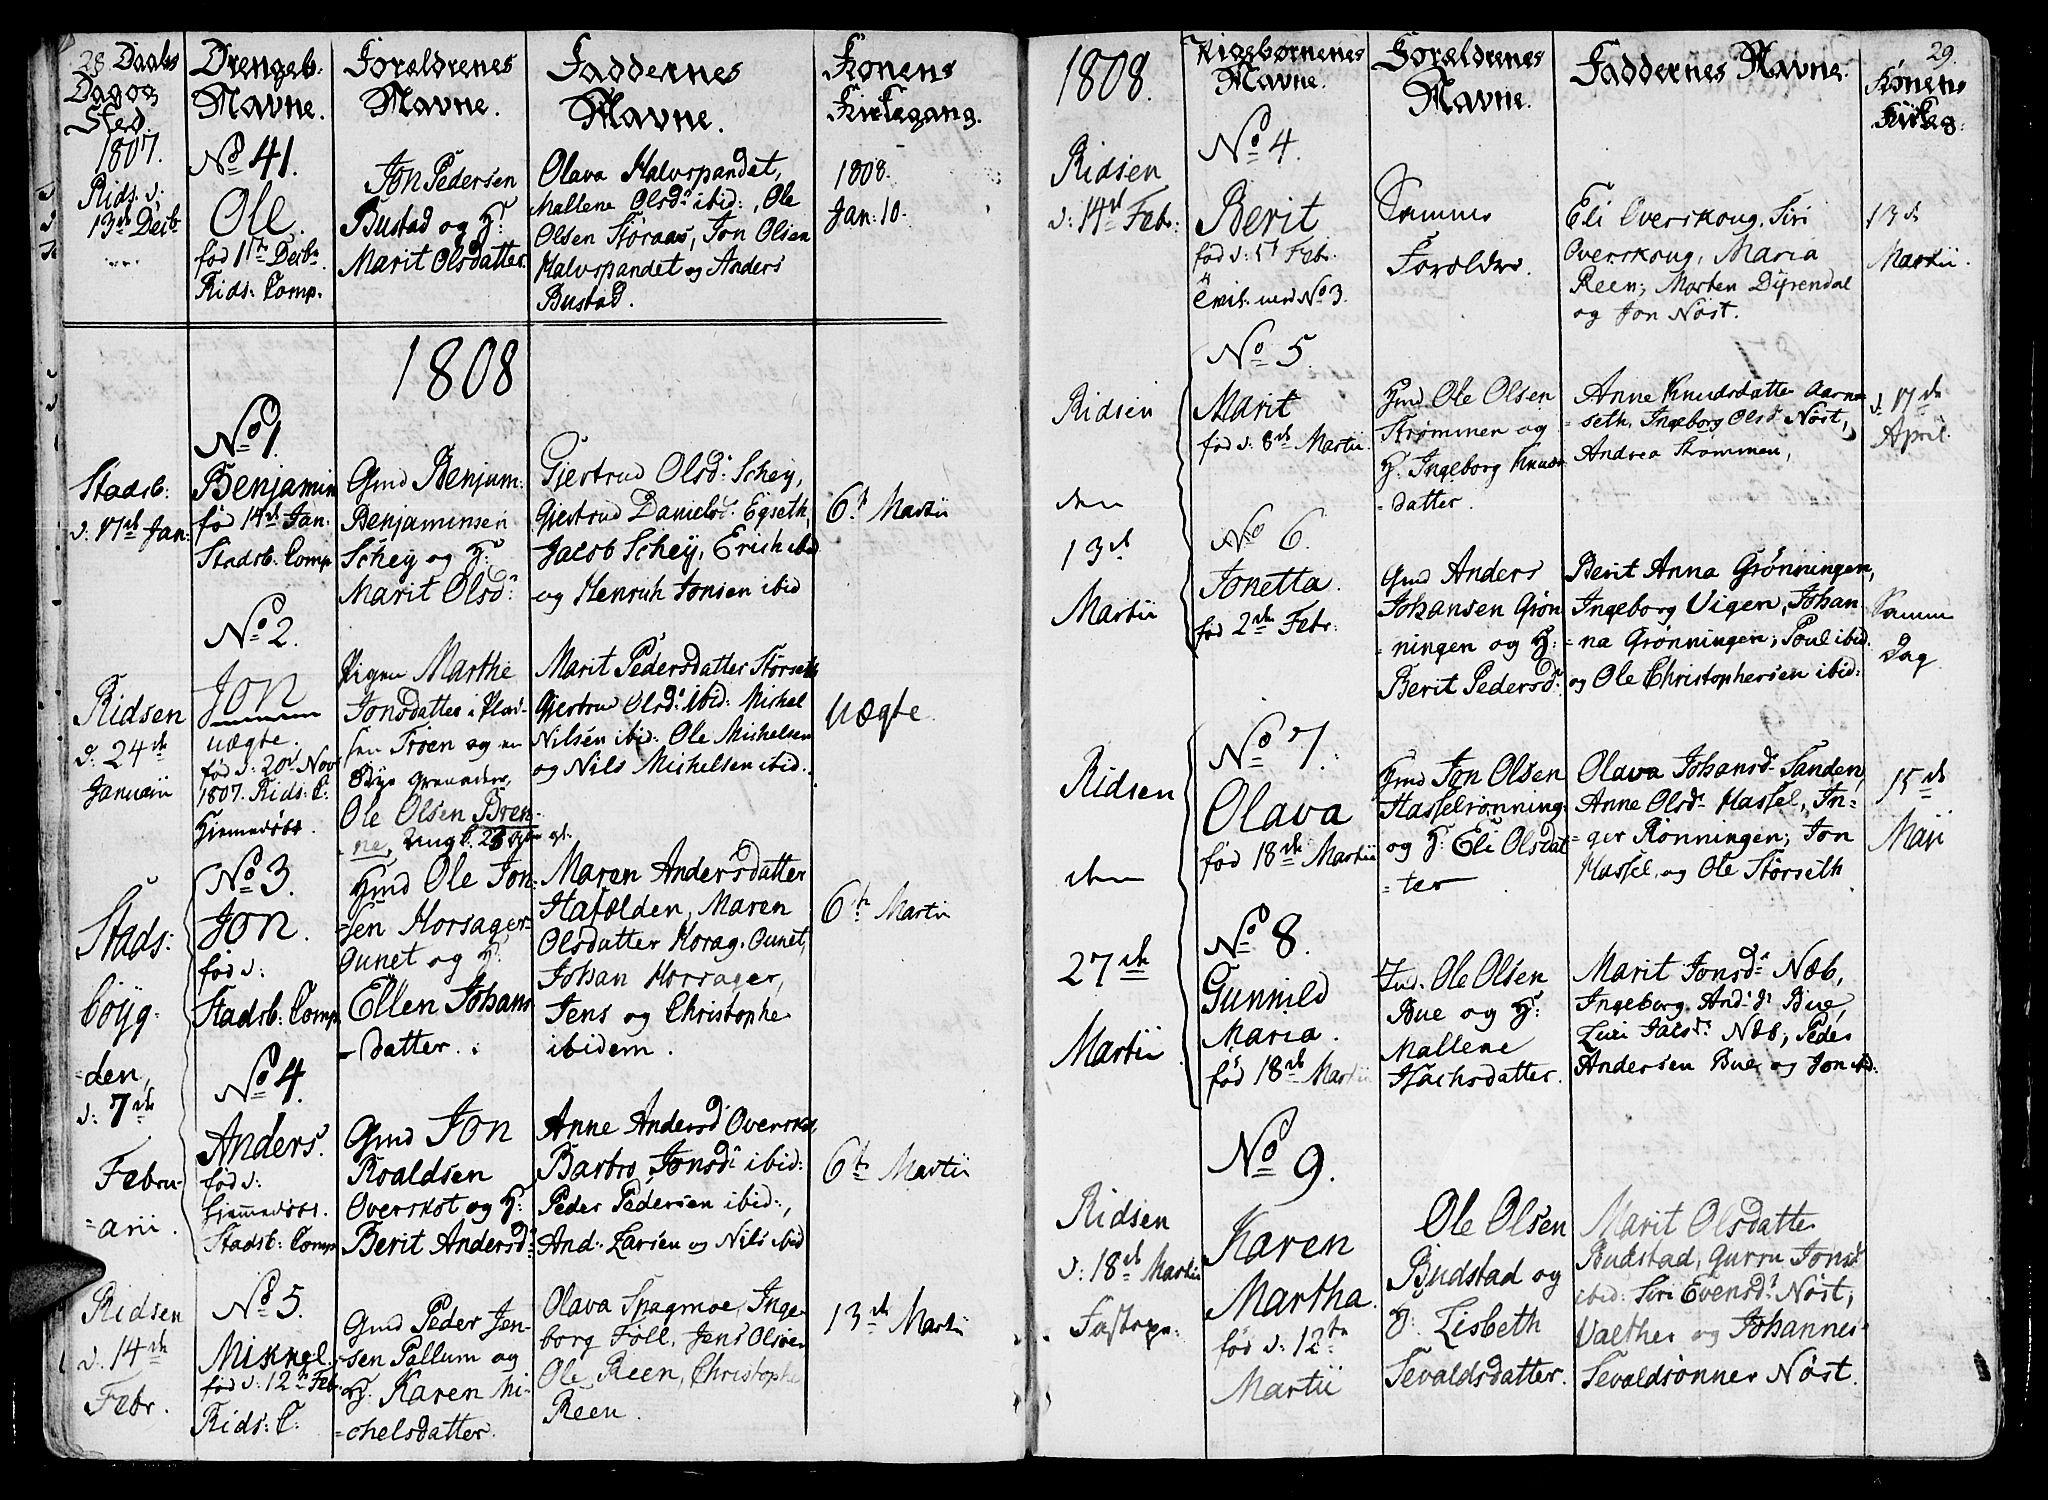 SAT, Ministerialprotokoller, klokkerbøker og fødselsregistre - Sør-Trøndelag, 646/L0607: Ministerialbok nr. 646A05, 1806-1815, s. 28-29